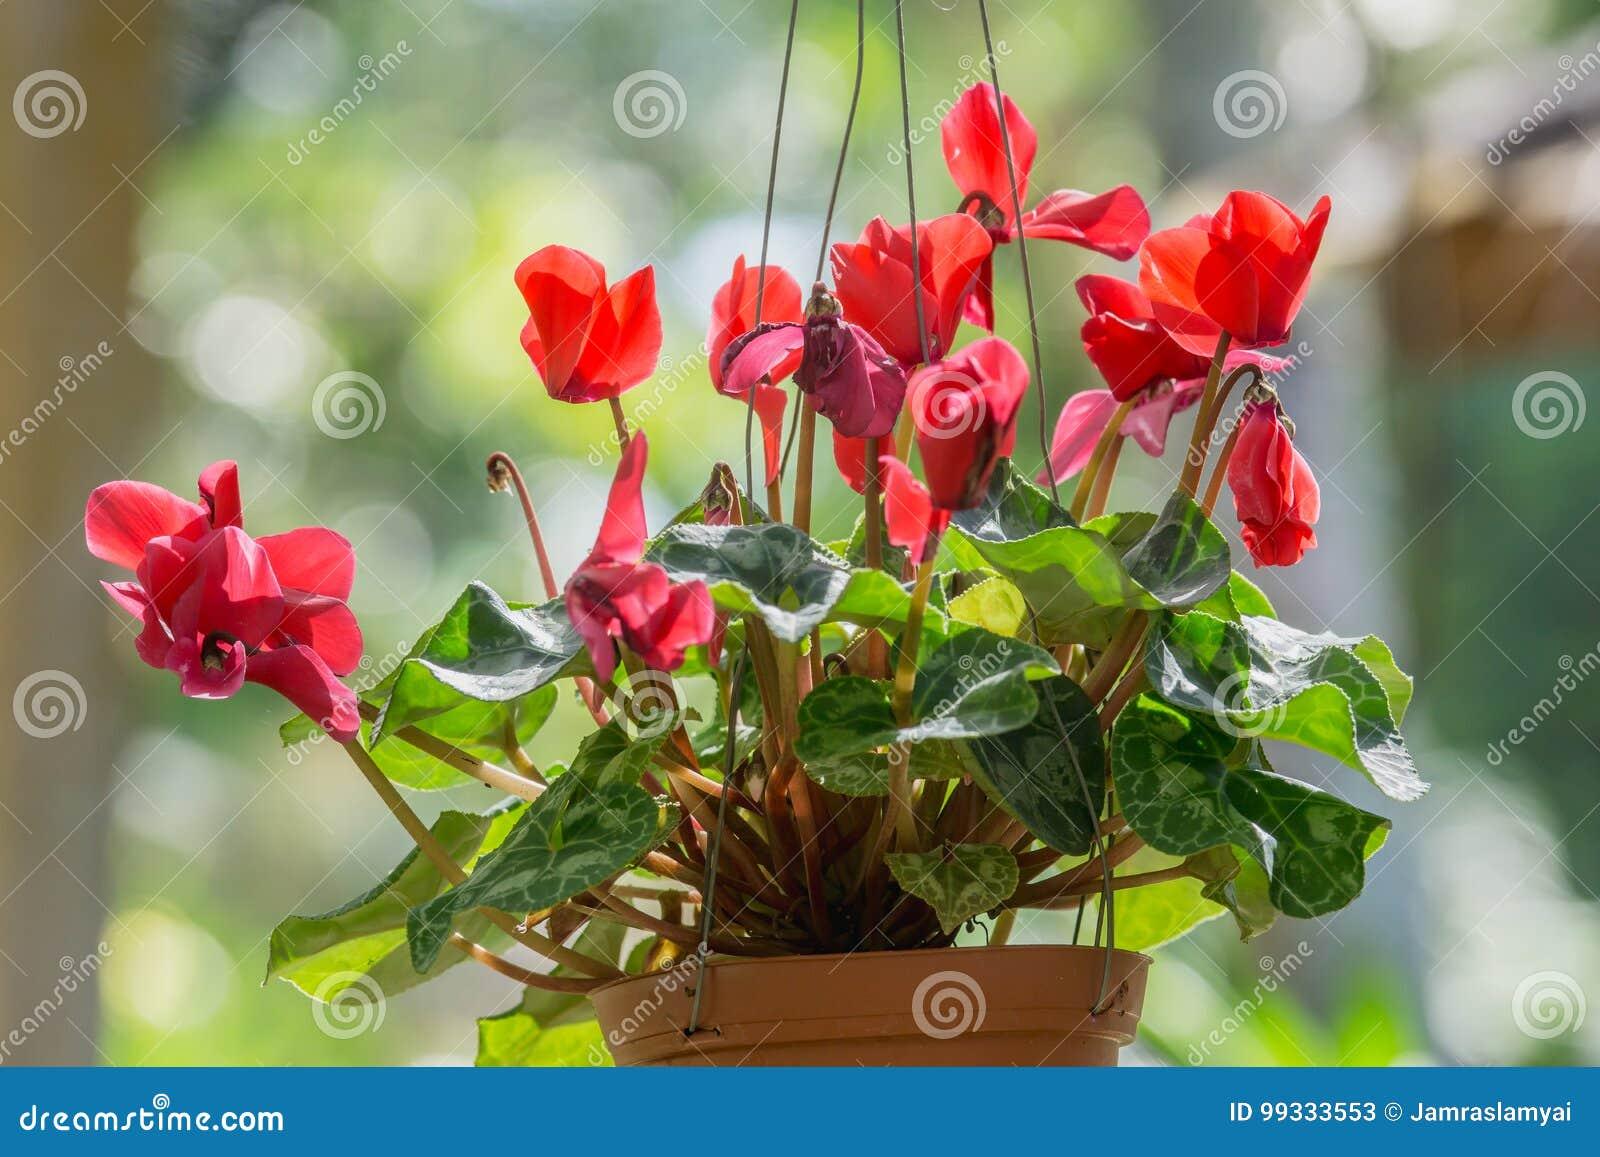 Beautiful red cyclamen flowers is winter flowers cyclamen persicum download beautiful red cyclamen flowers is winter flowers cyclamen persicum hang it in a pot izmirmasajfo